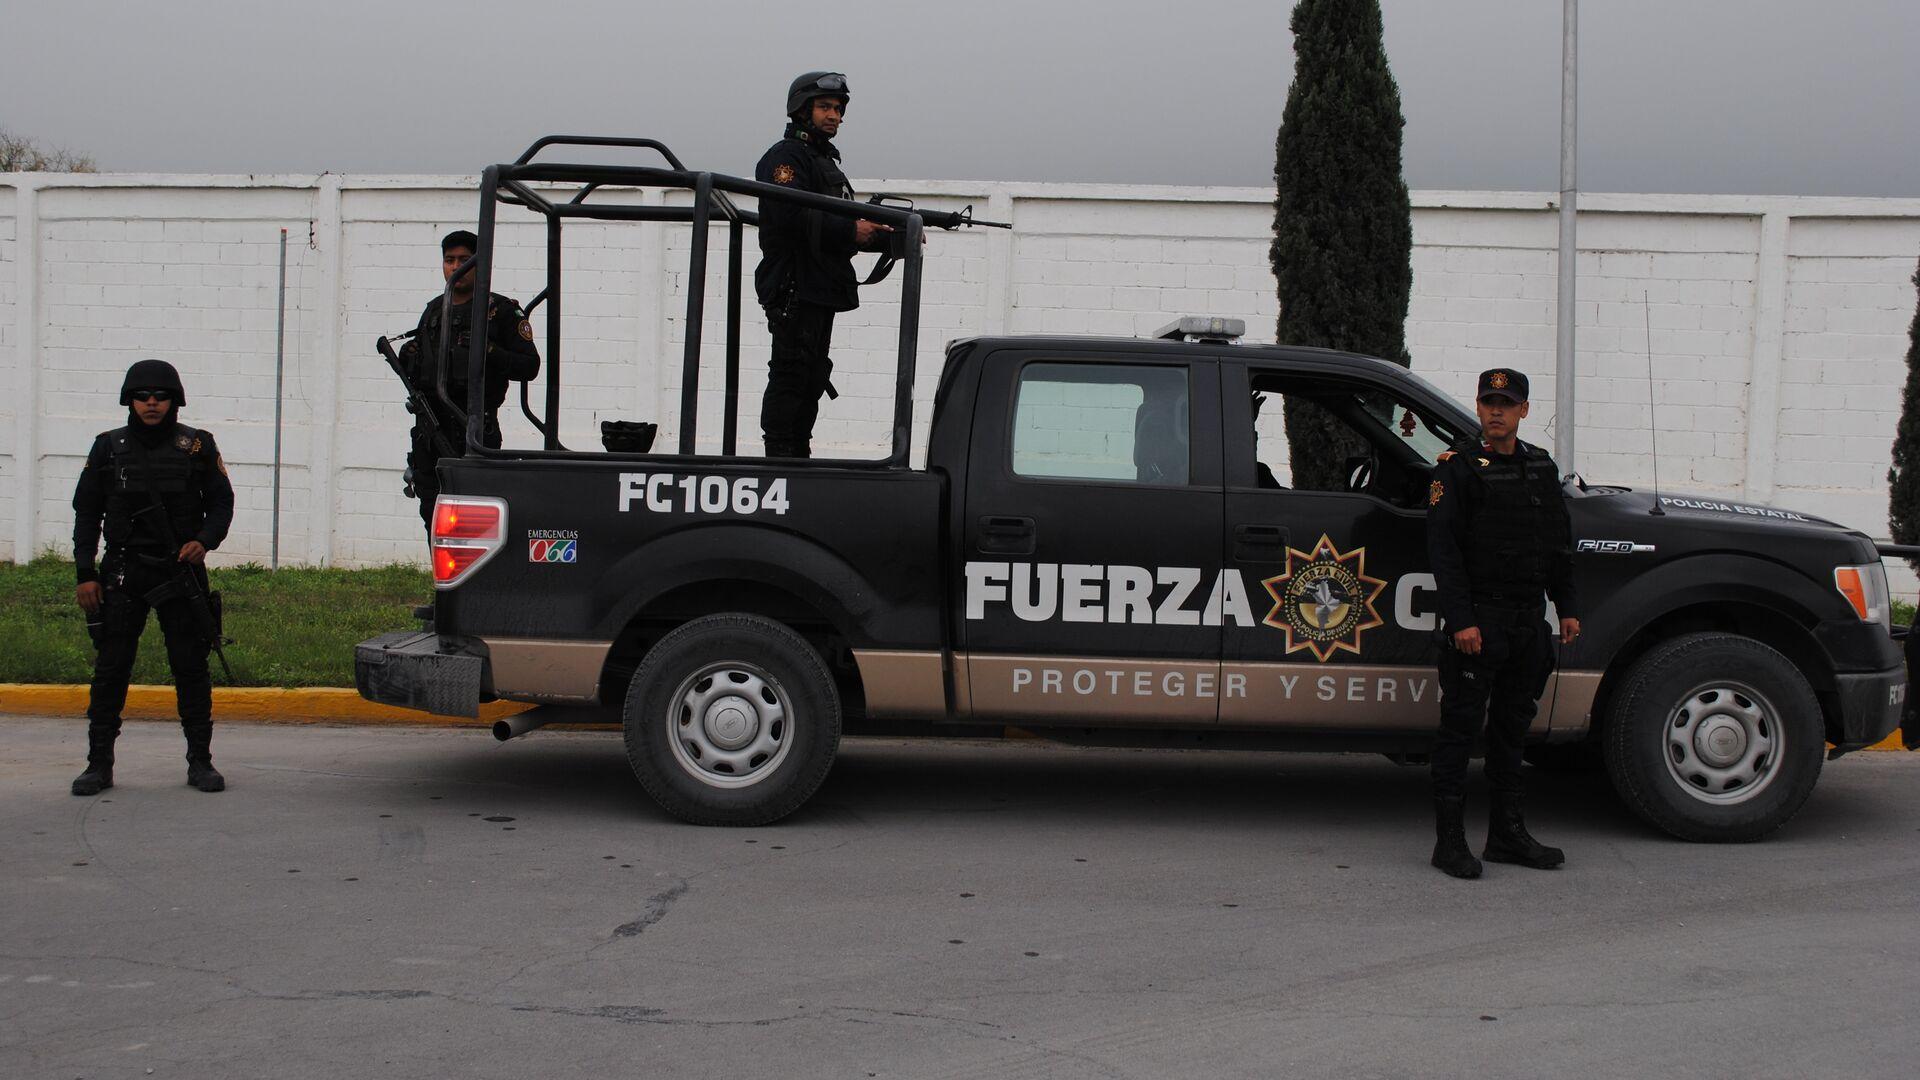 Полиция в Мексике - РИА Новости, 1920, 01.12.2019